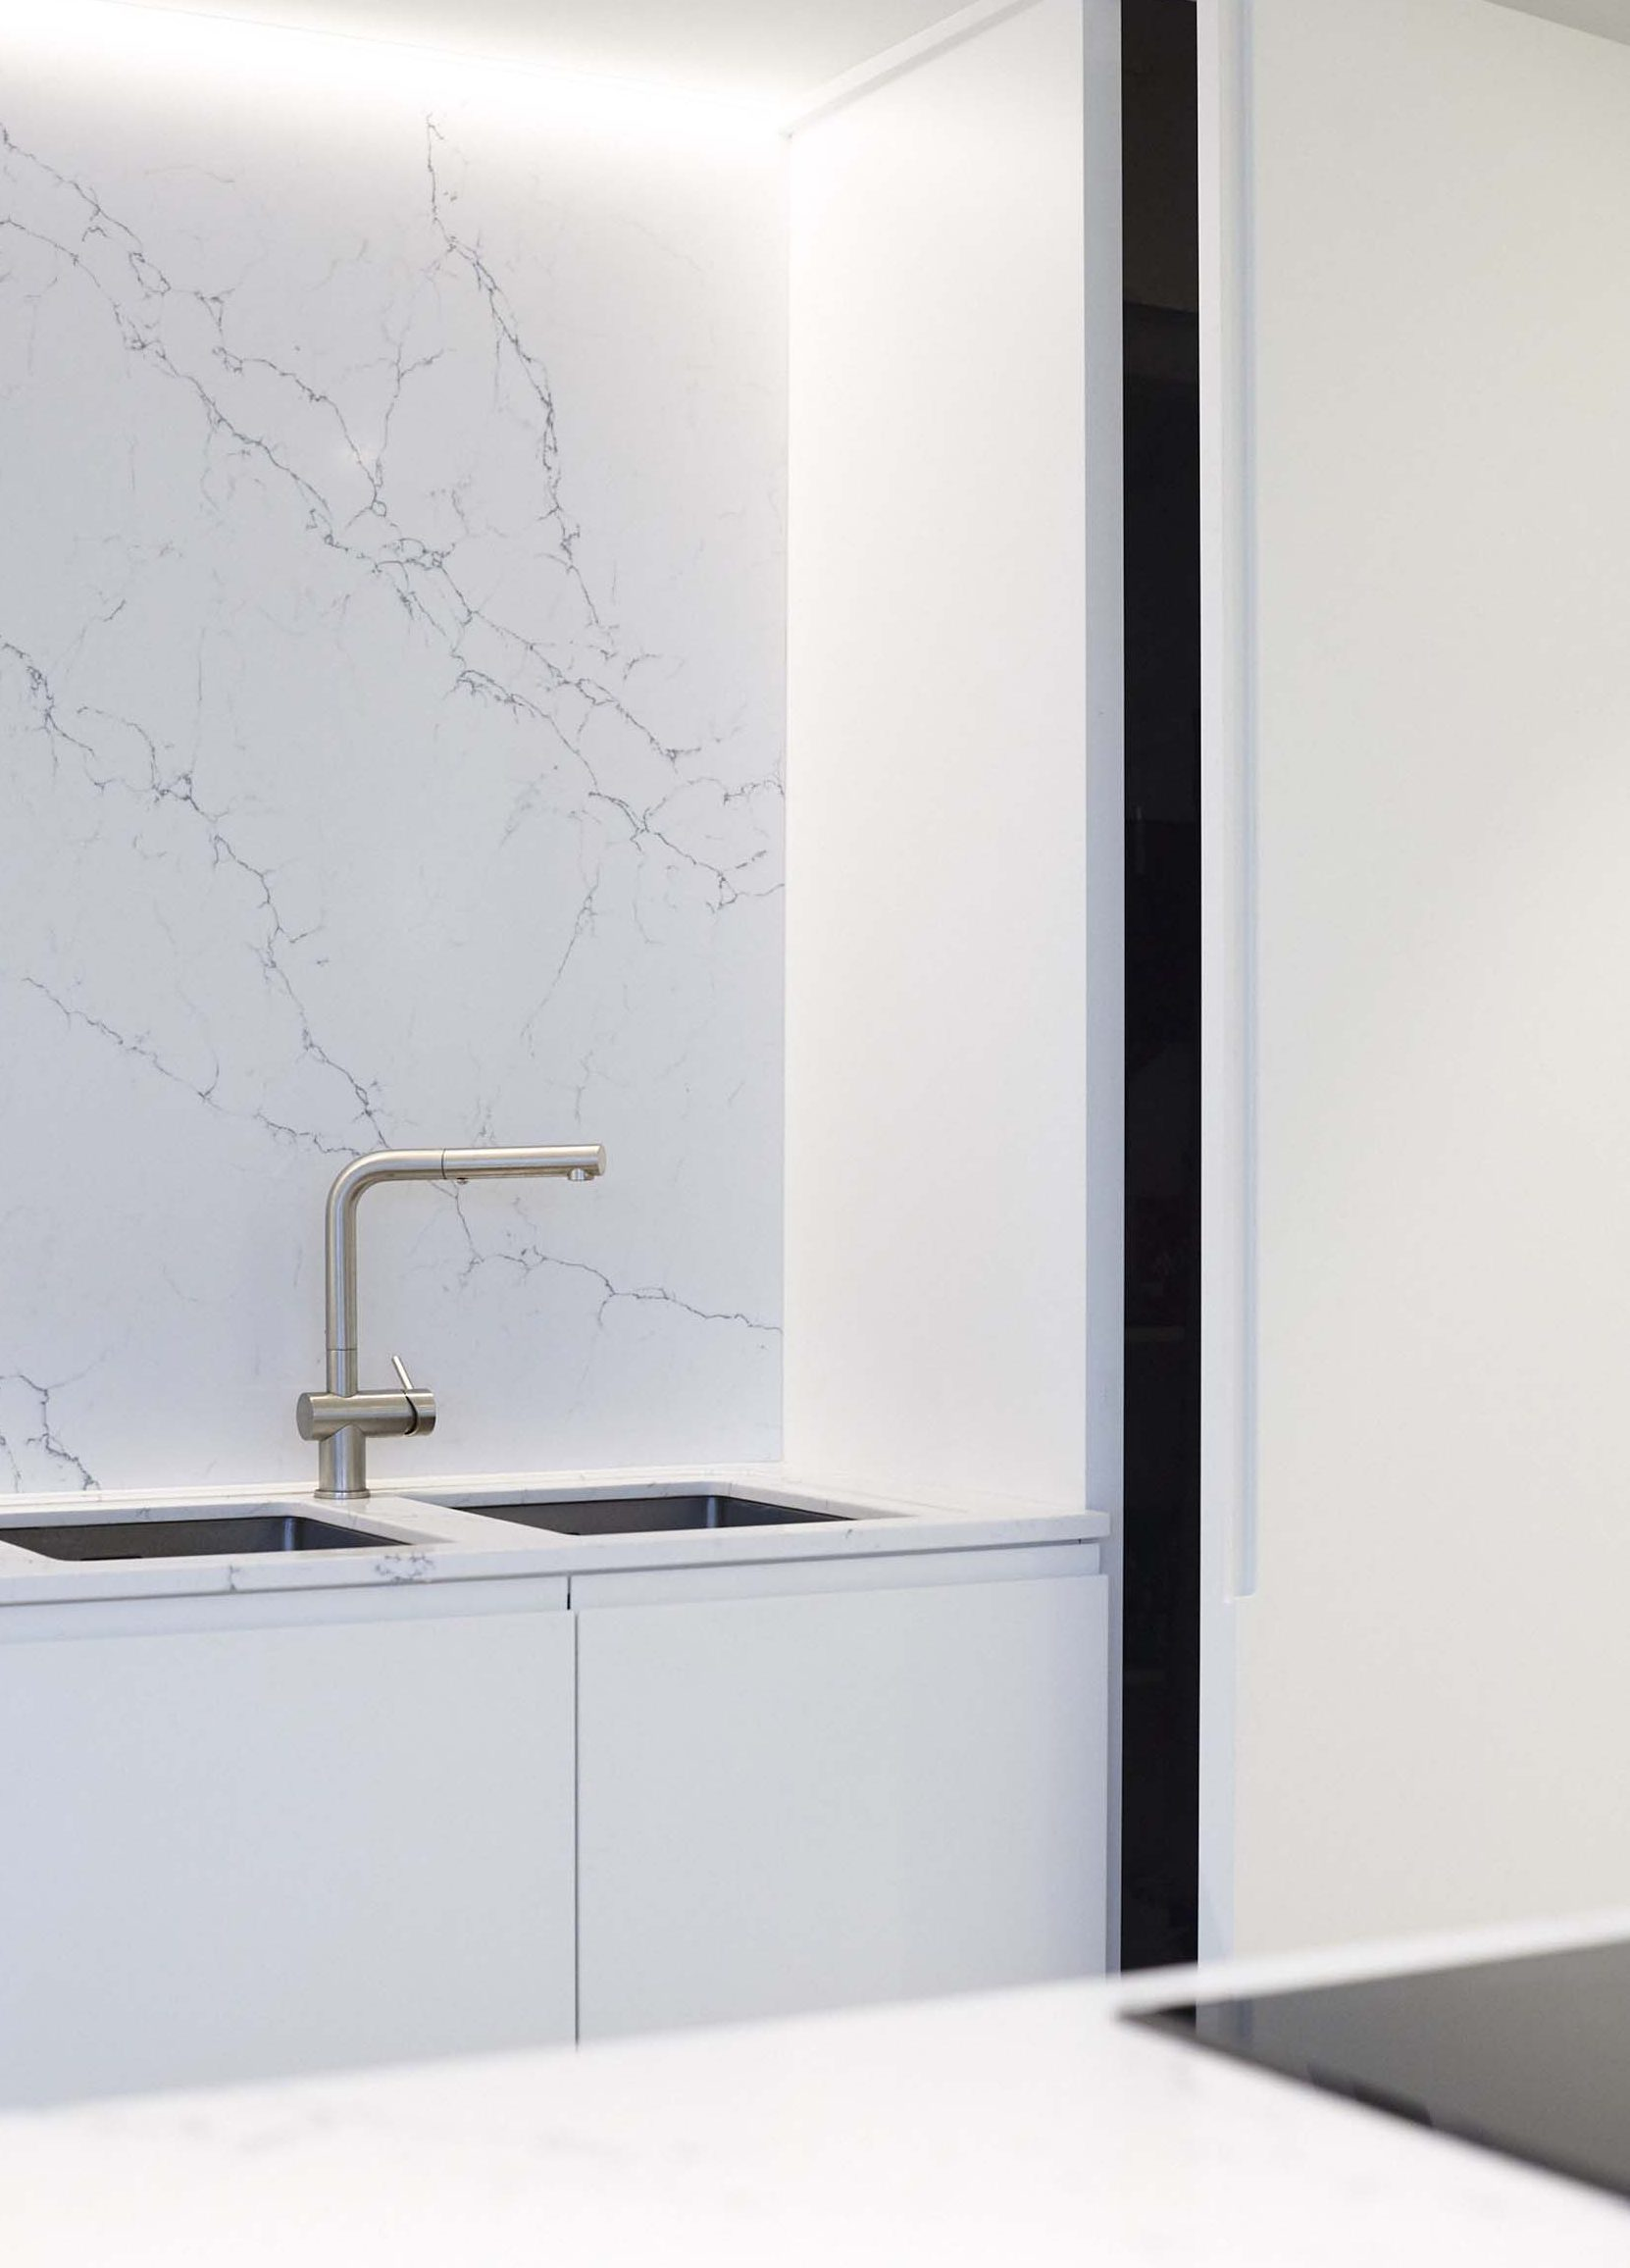 Vanda-projects-interieurinrichting-meubelmakerij-oost-vlaanderen-verstraete-tielt-muur-wit